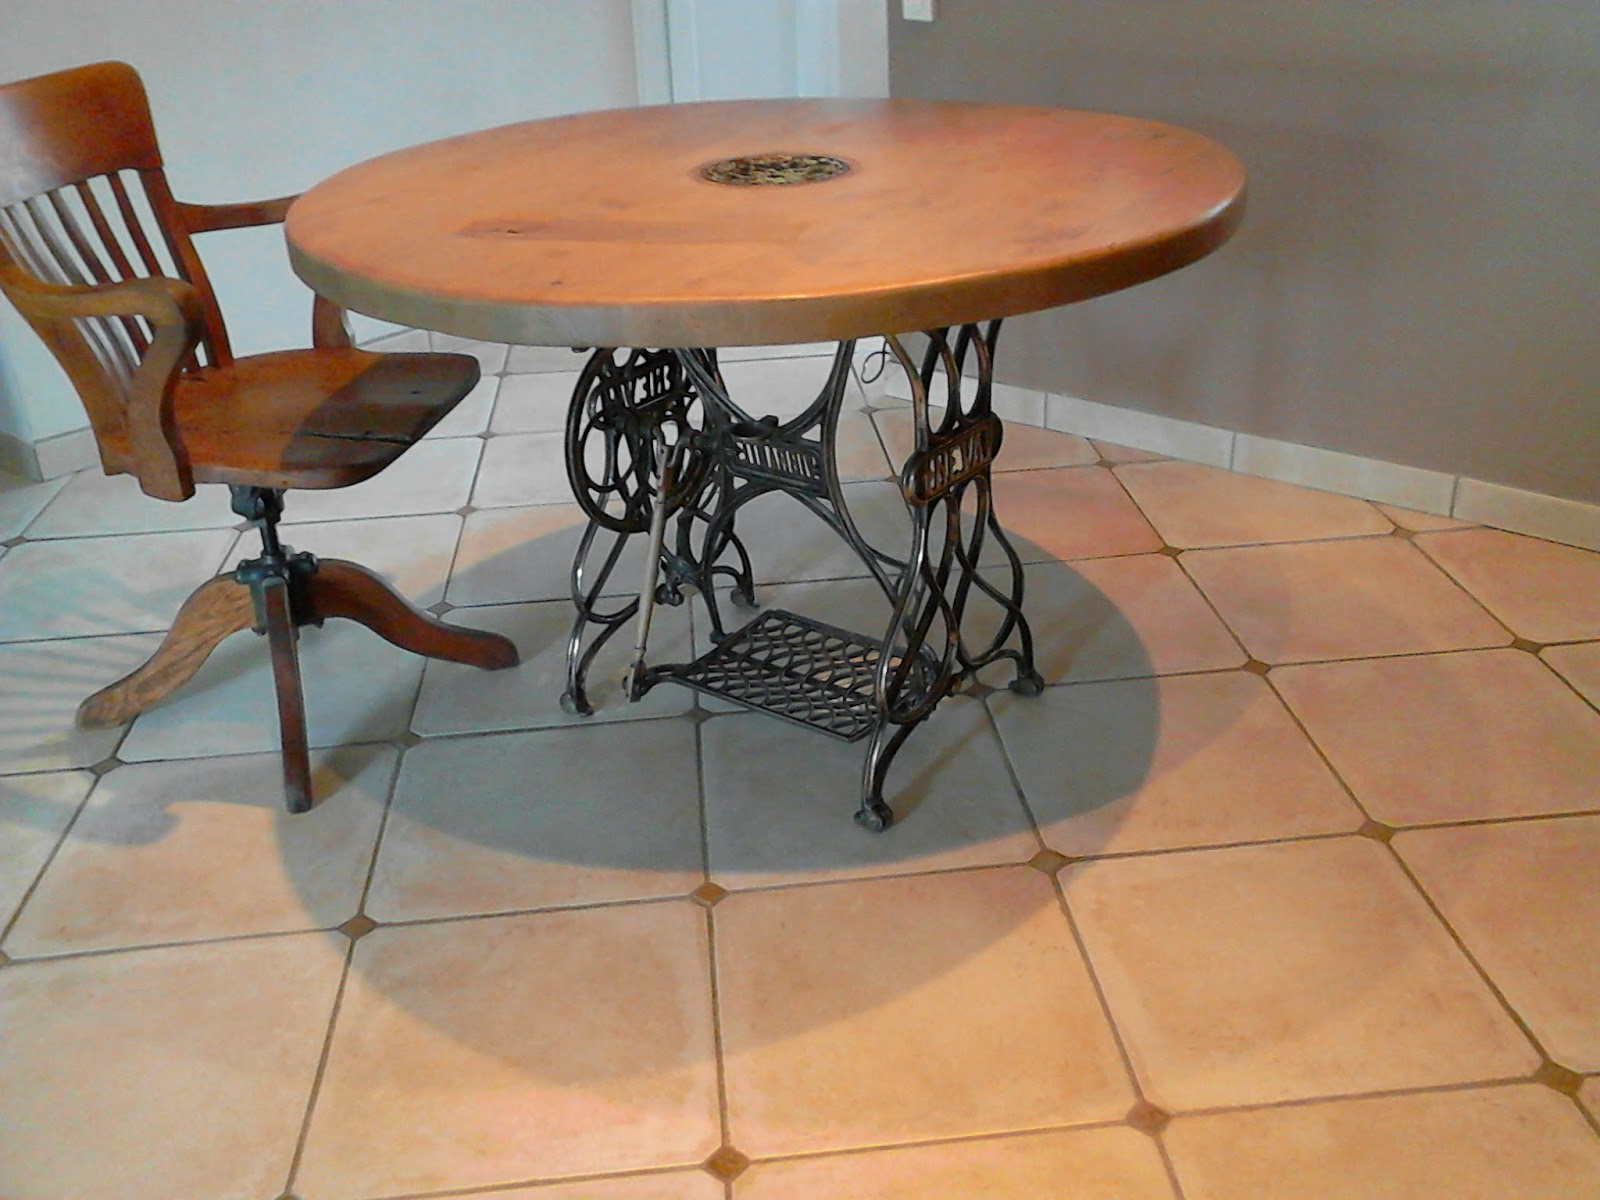 Meubles et objets de d coration style industriel table de - Pied de table style industriel ...